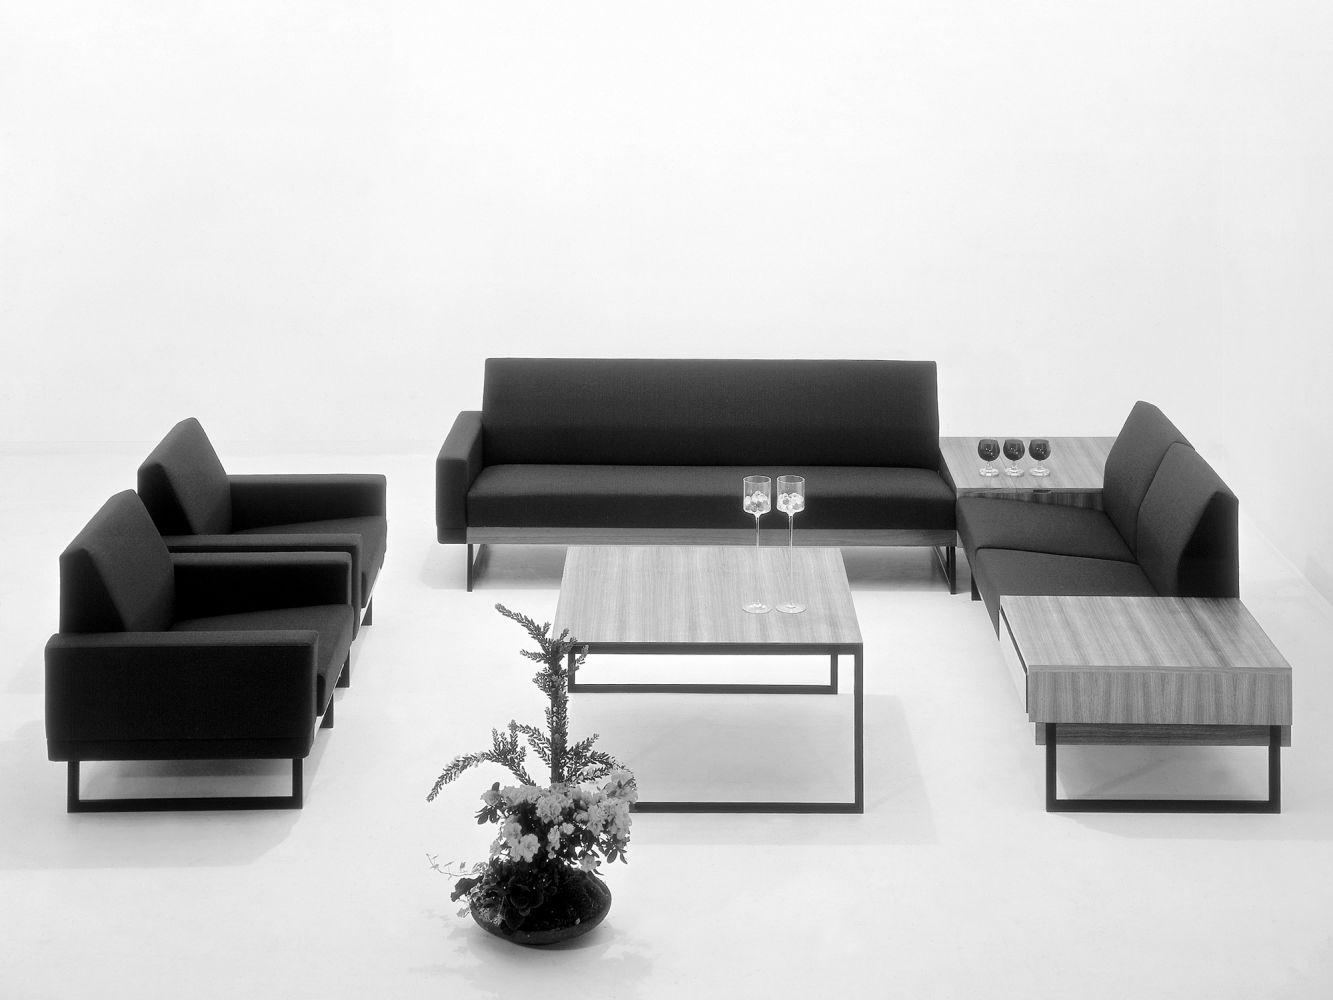 Rolf benz fabricant allemand de canap s de qualit meuble et d coration marseille mobilier for Meuble allemand contemporain